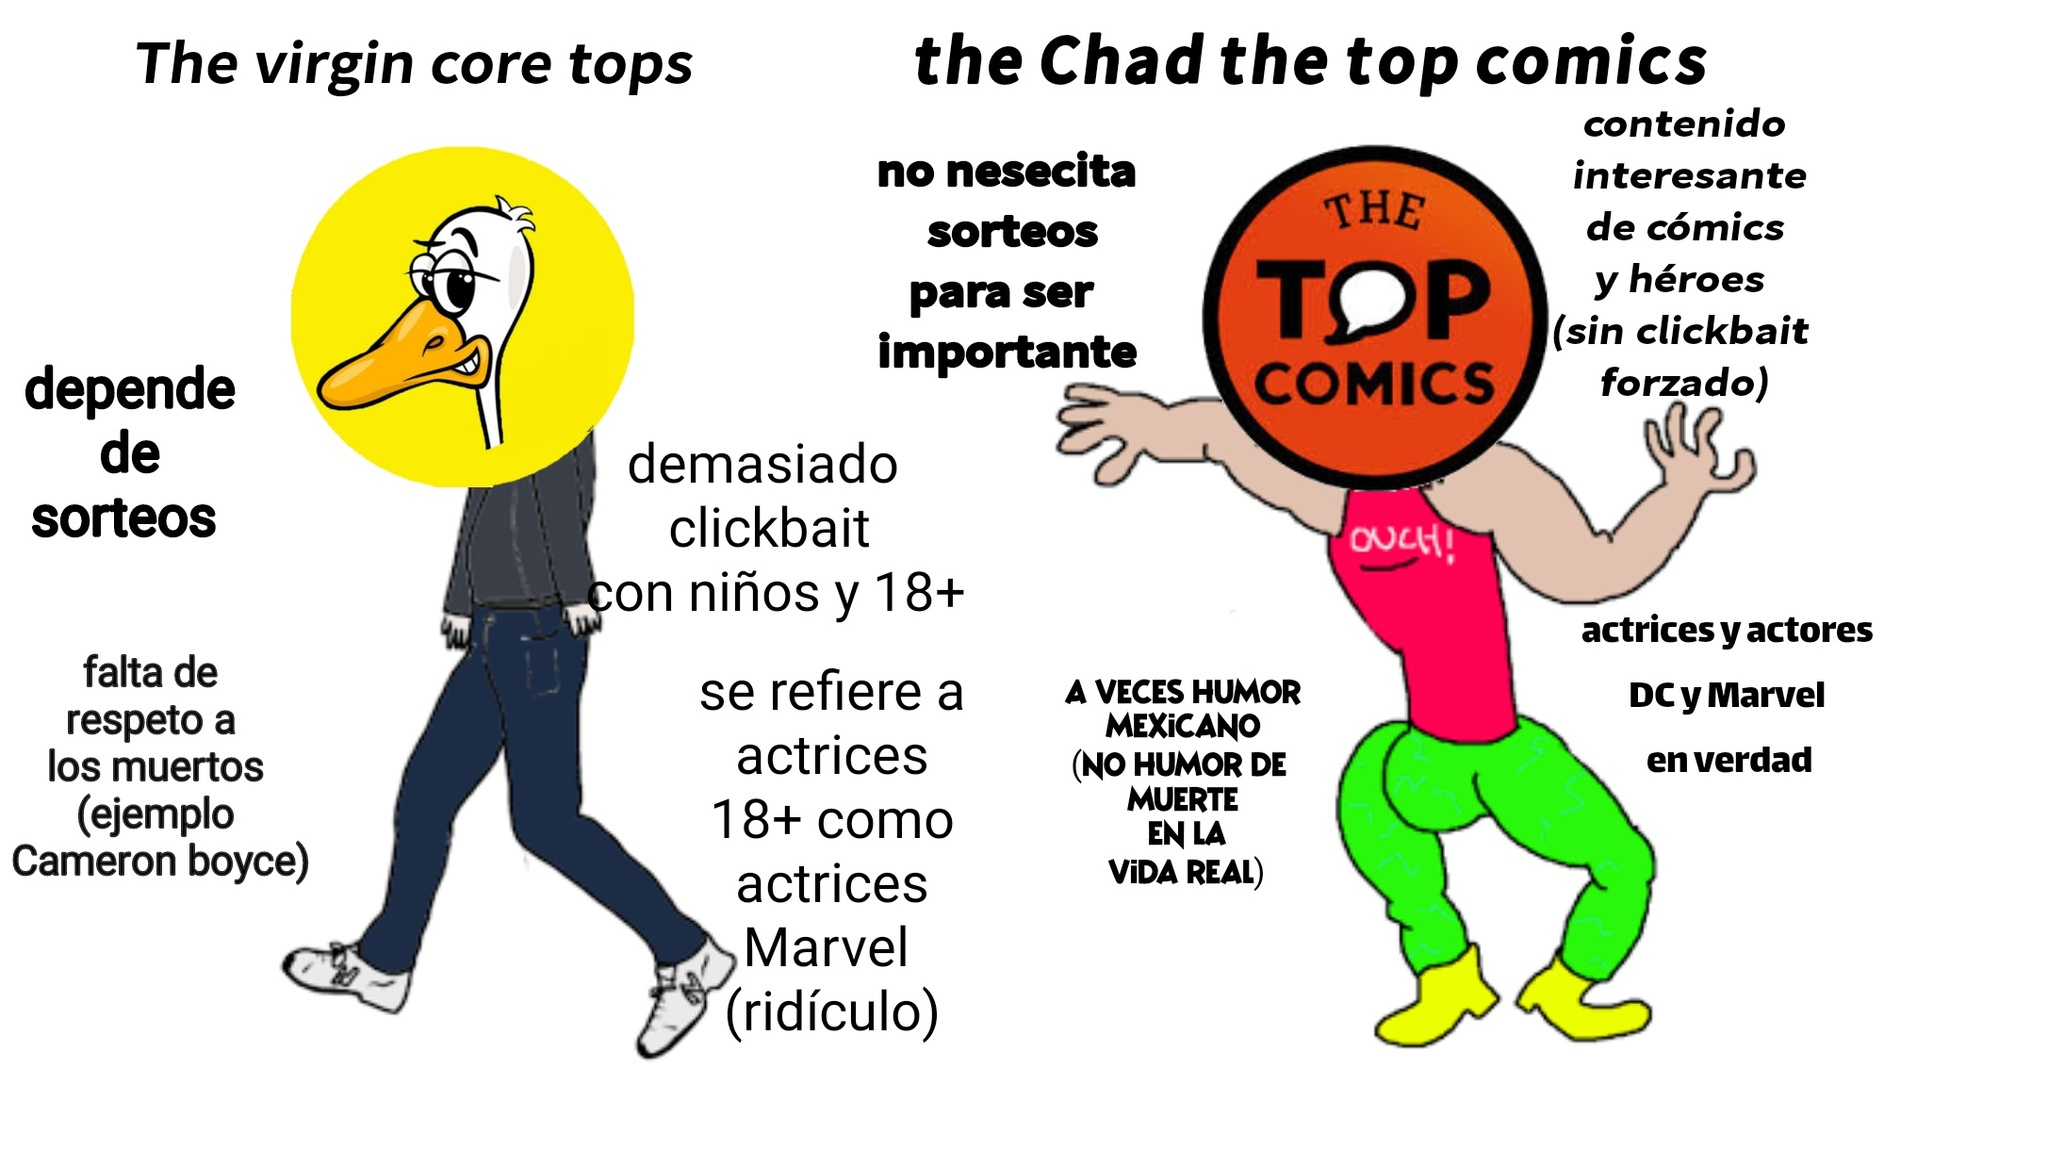 El canal de core tops no fue borrado por YouTube  - meme